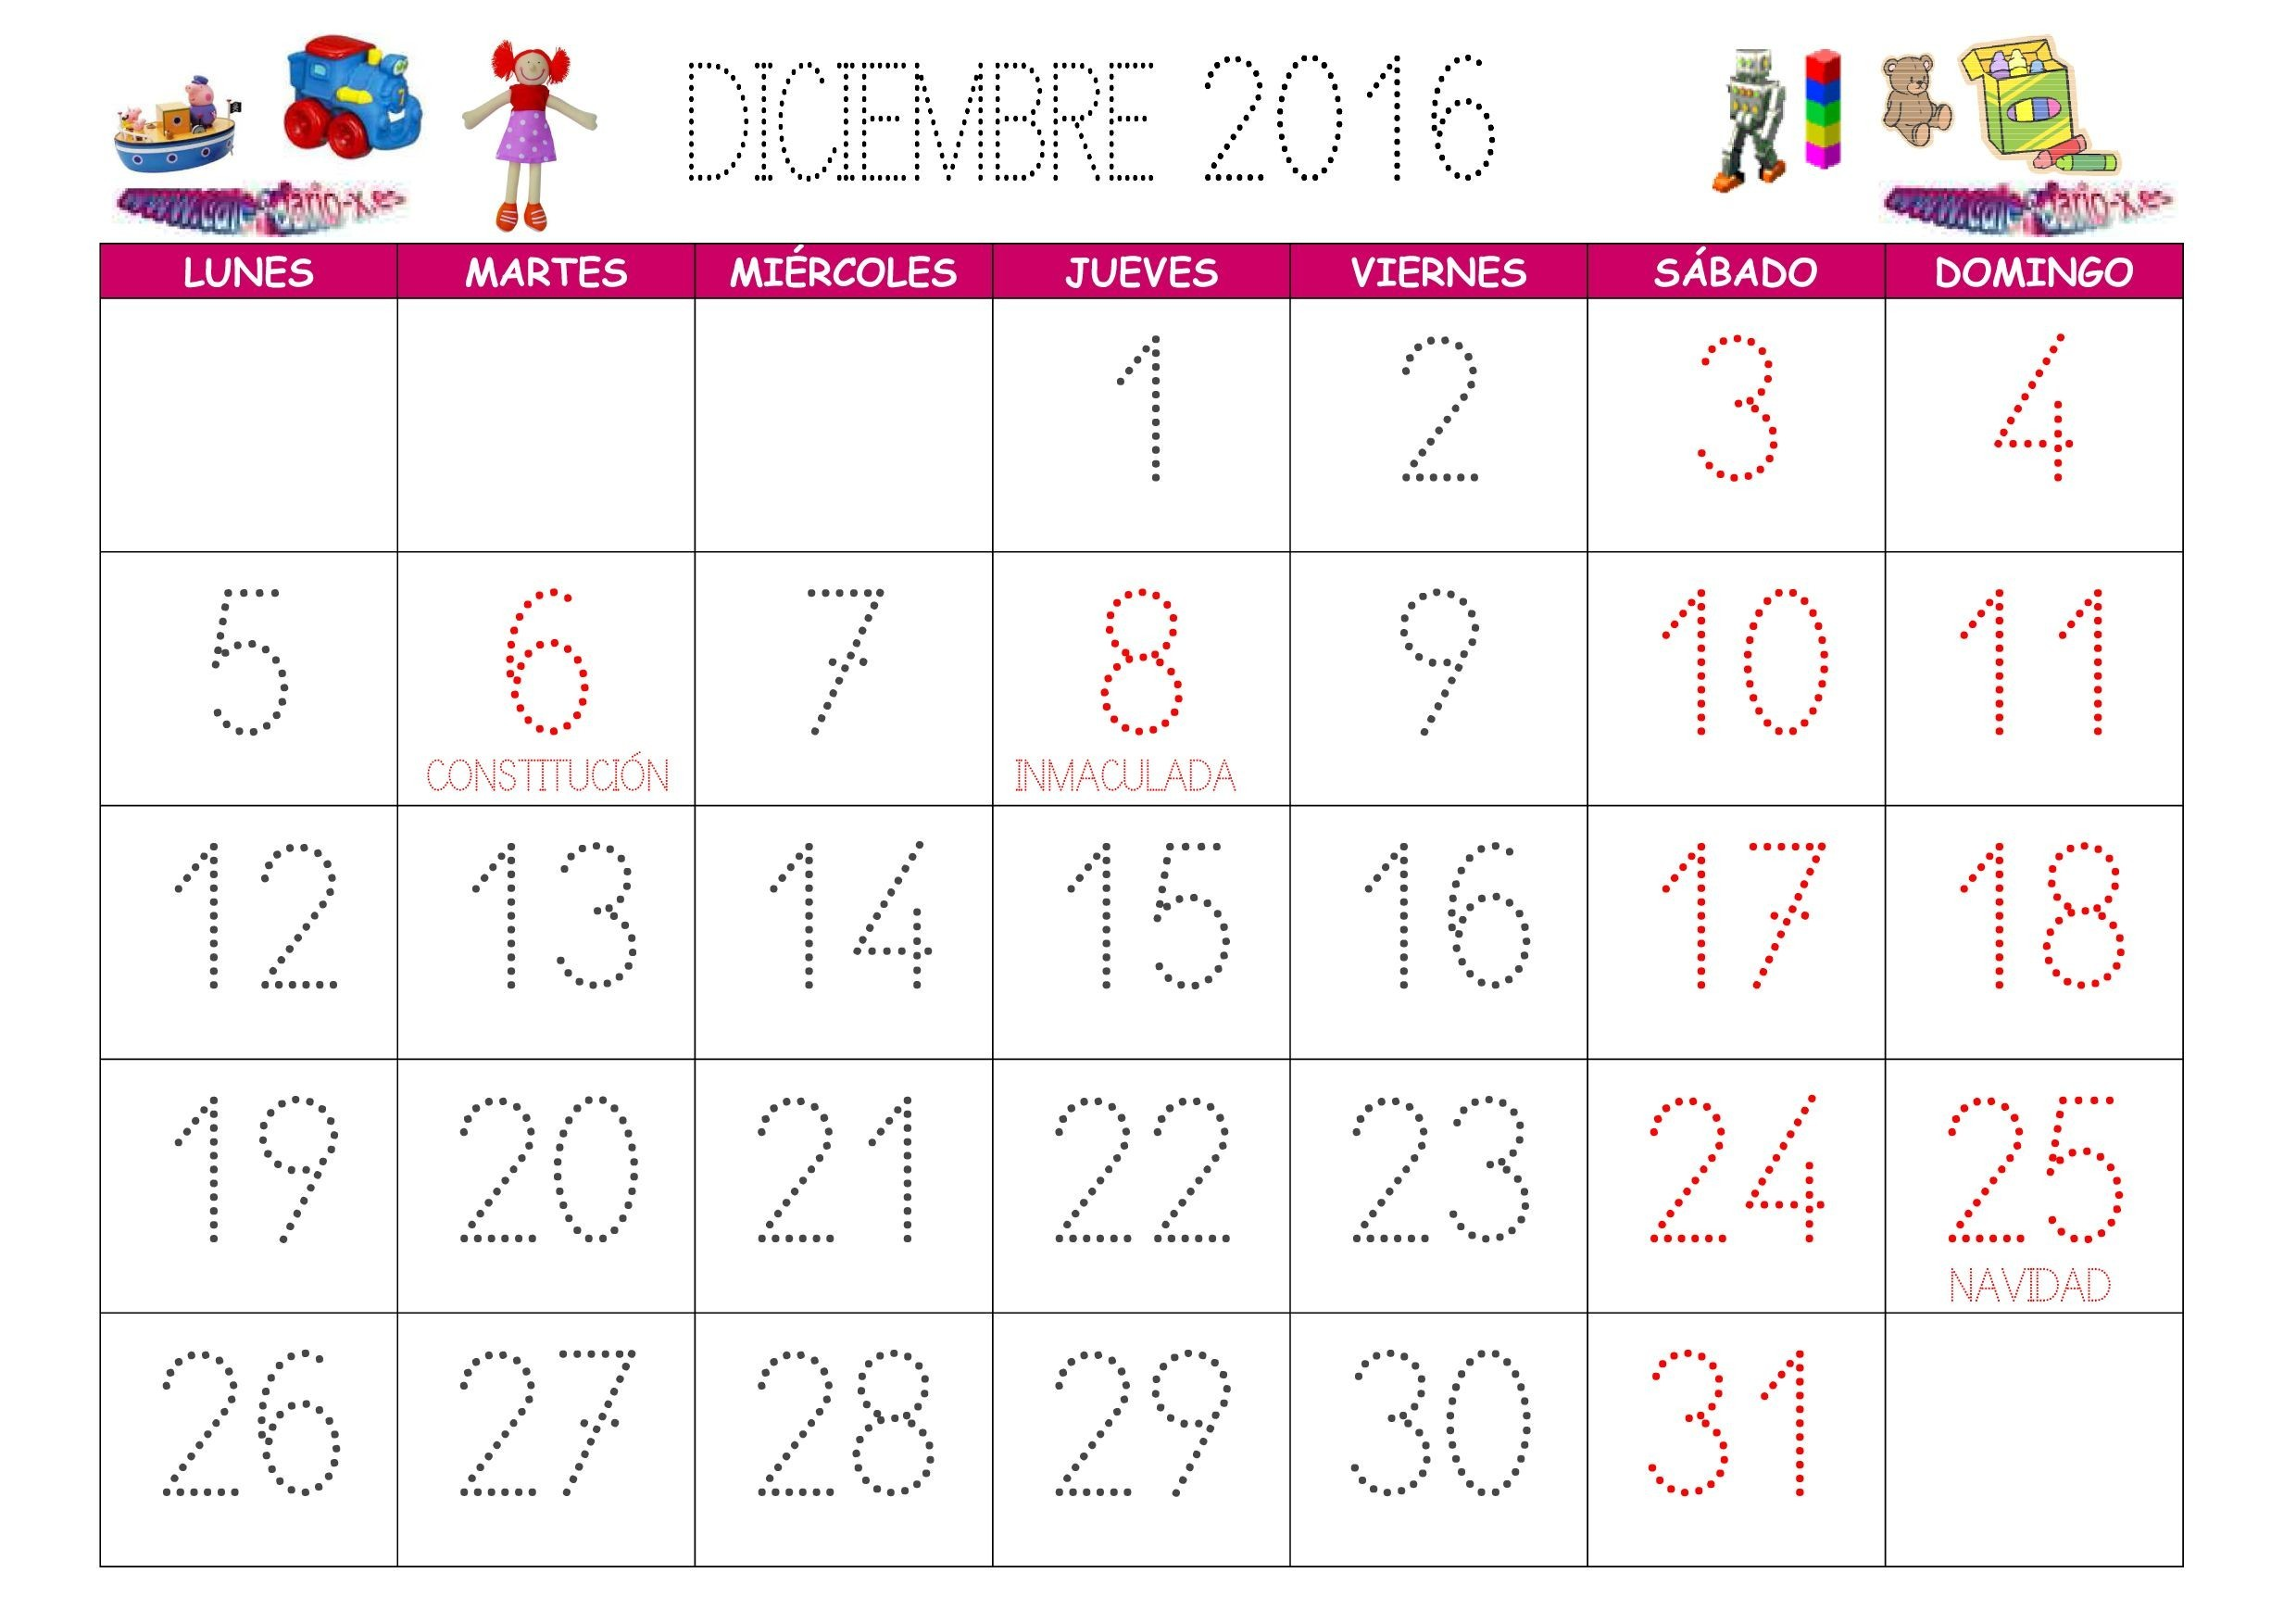 19 Diciembre 2016 Calendario